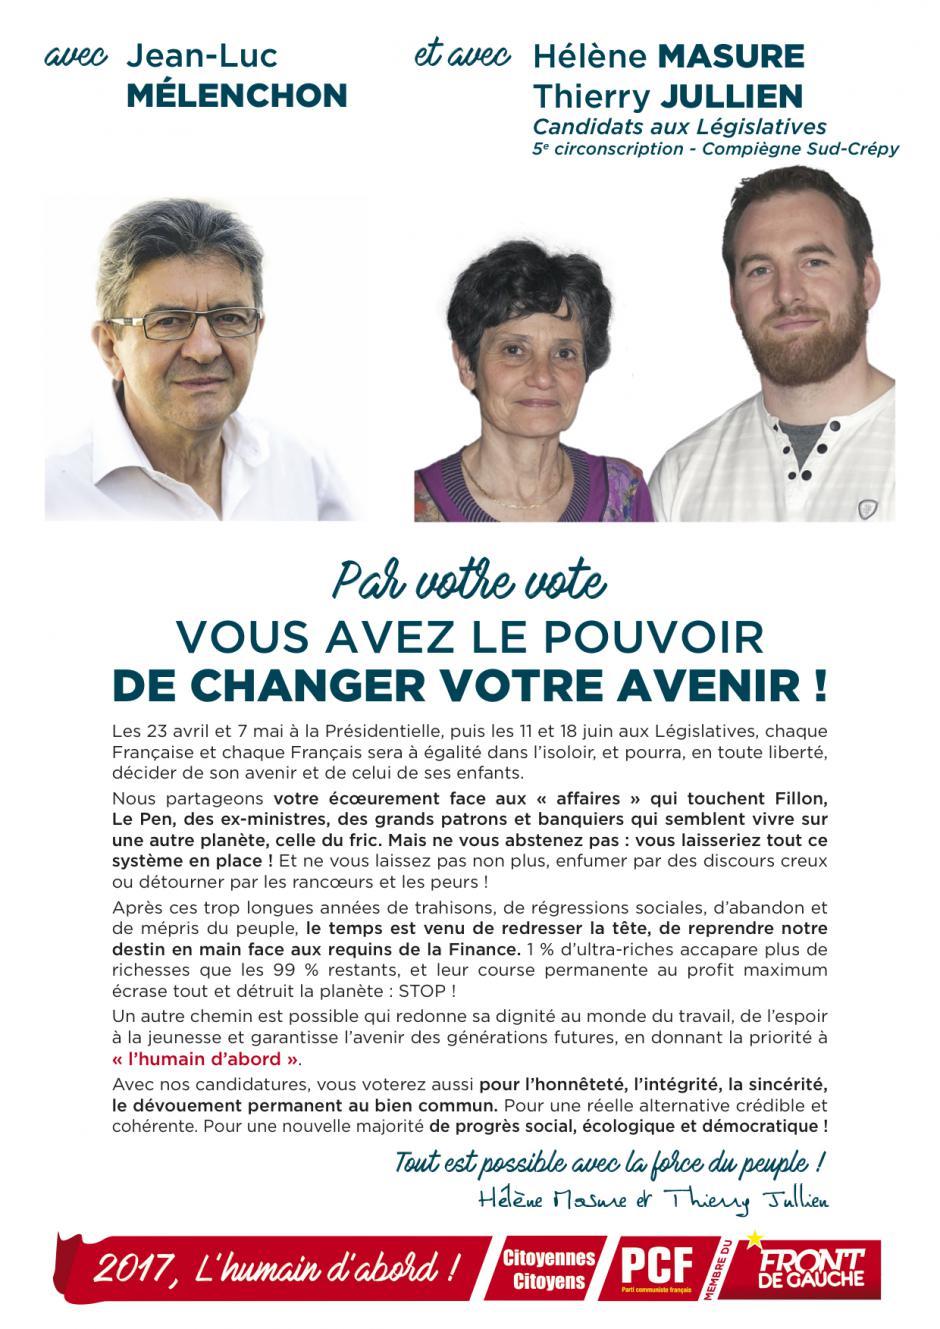 Tract « Avec Jean-Luc Mélenchon et avec Hélène Masure et Thierry Jullien, par votre vote, vous avez le pouvoir de changer votre avenir » - 5e circonscription de l'Oise, 7 avril 2017